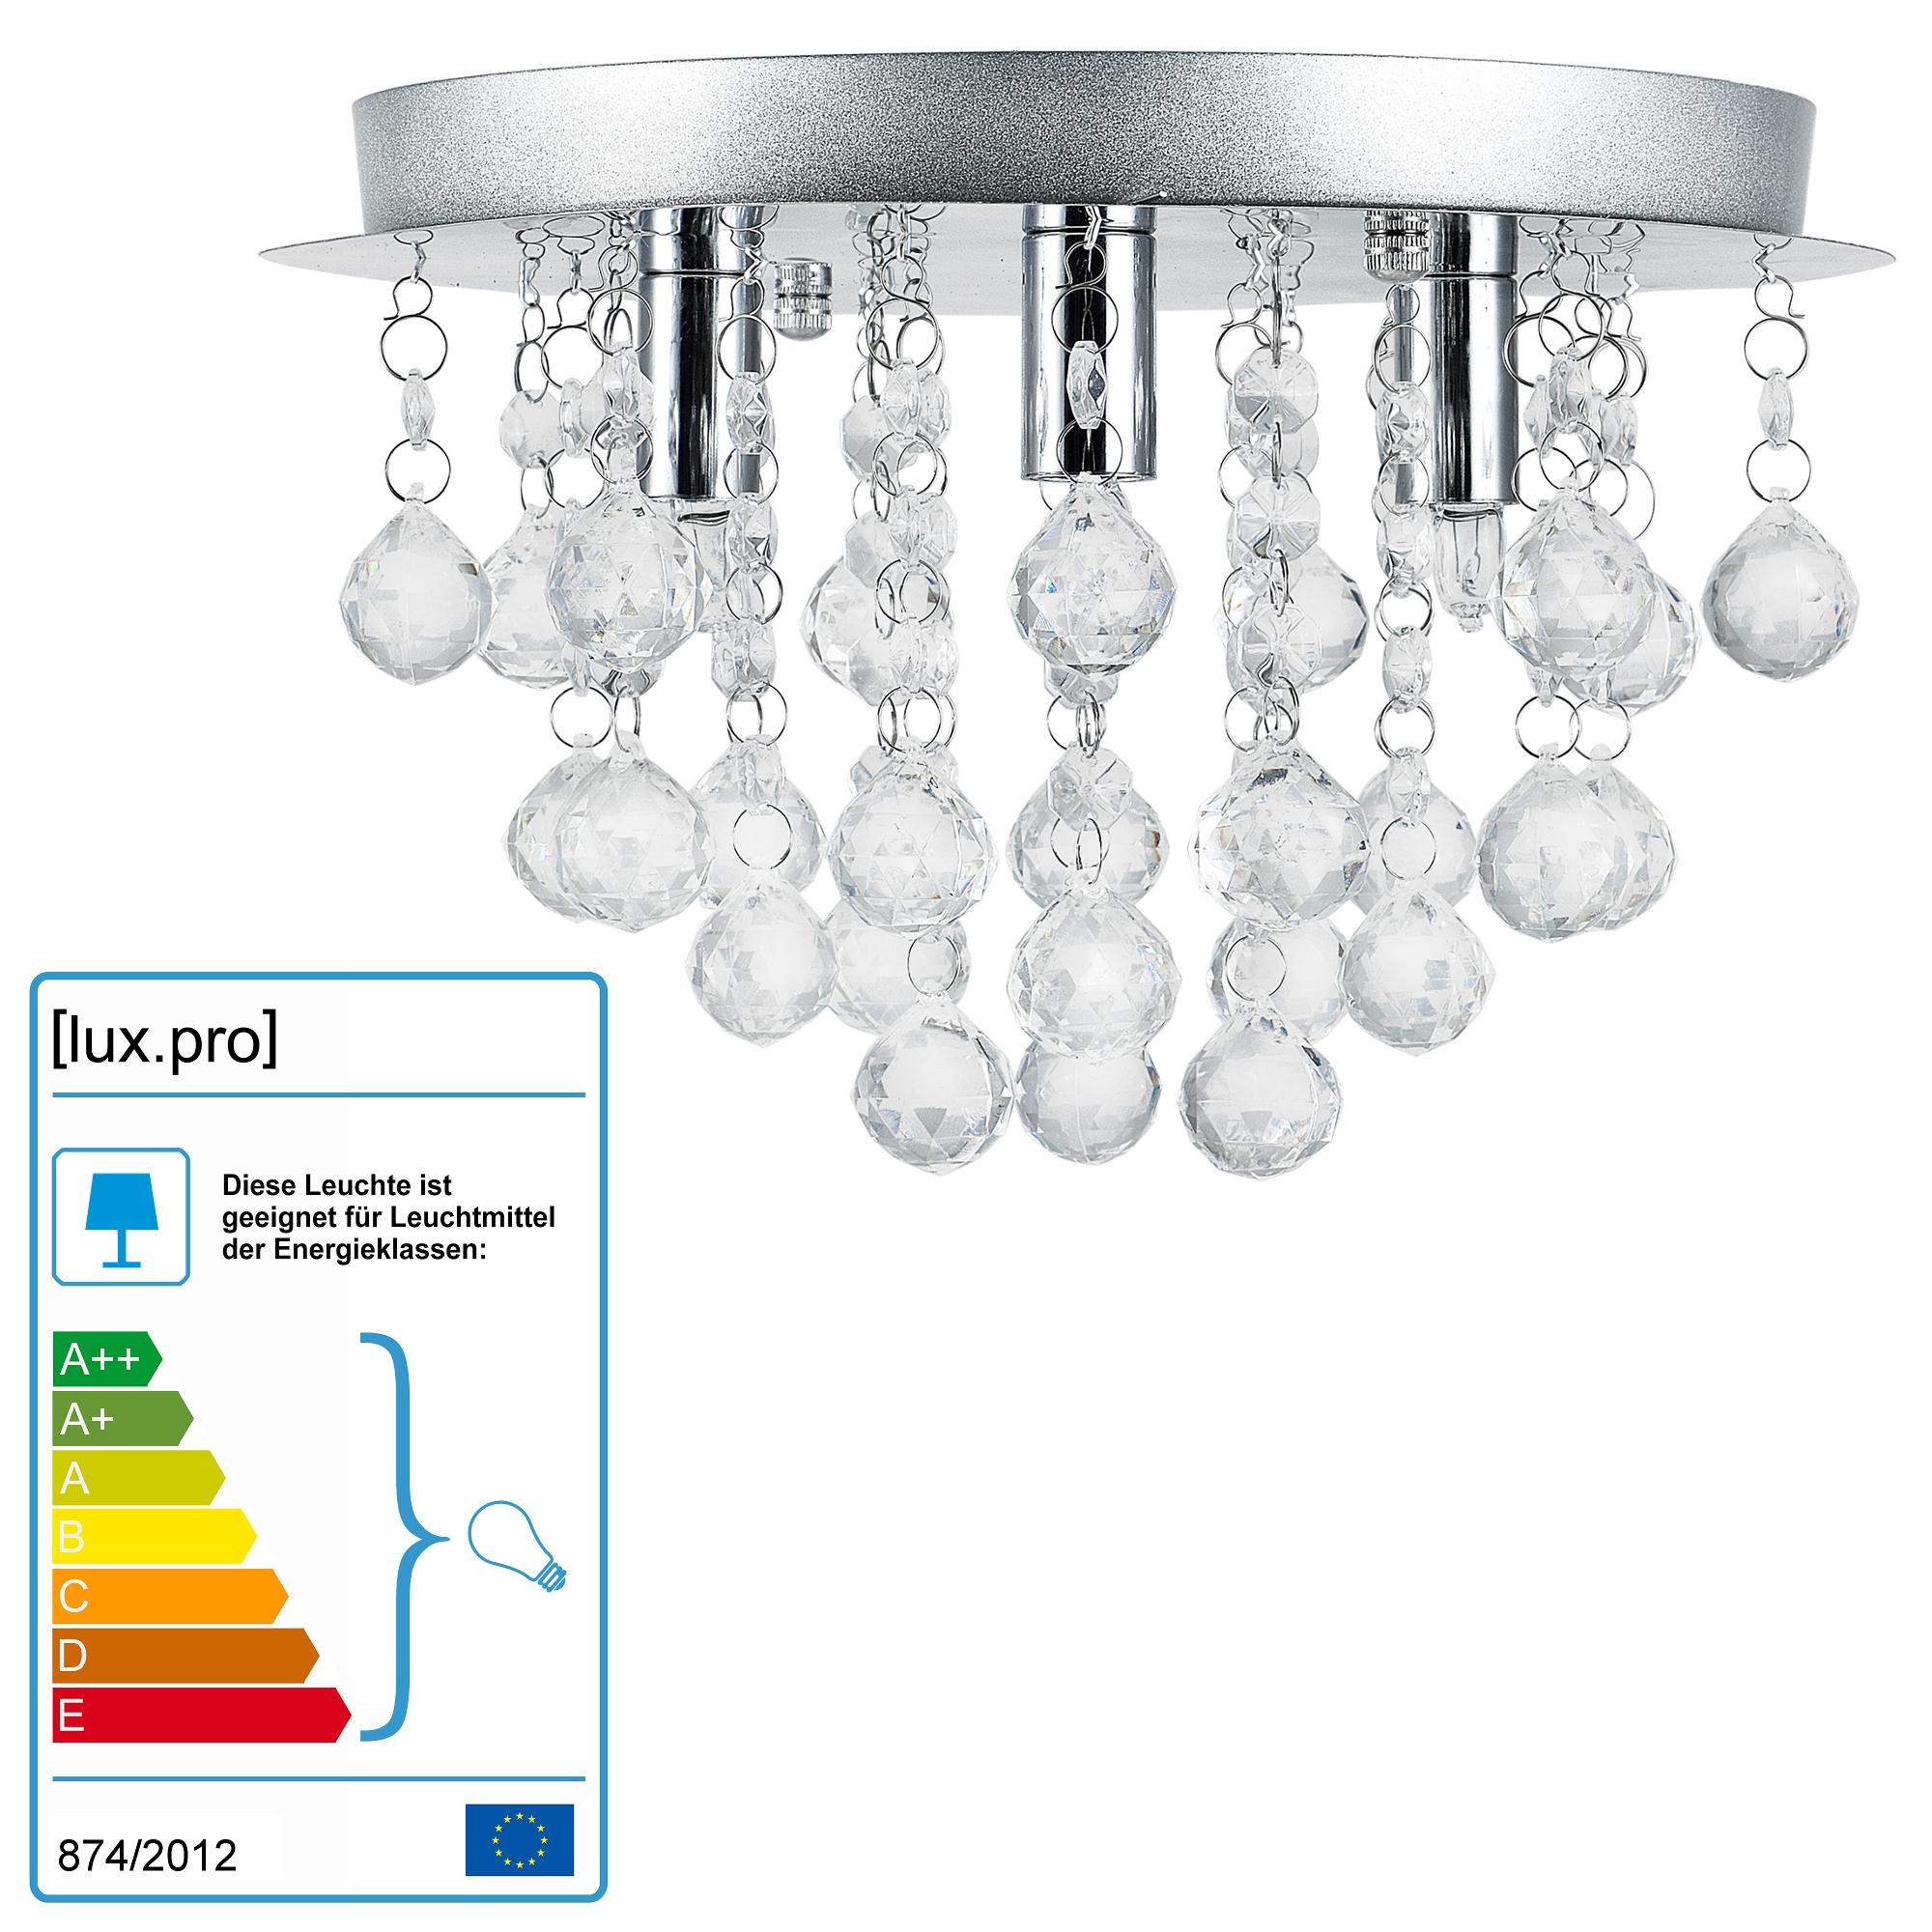 lux.pro] Design Soffitto Luce Plafoniera Illuminazione Moderno ...